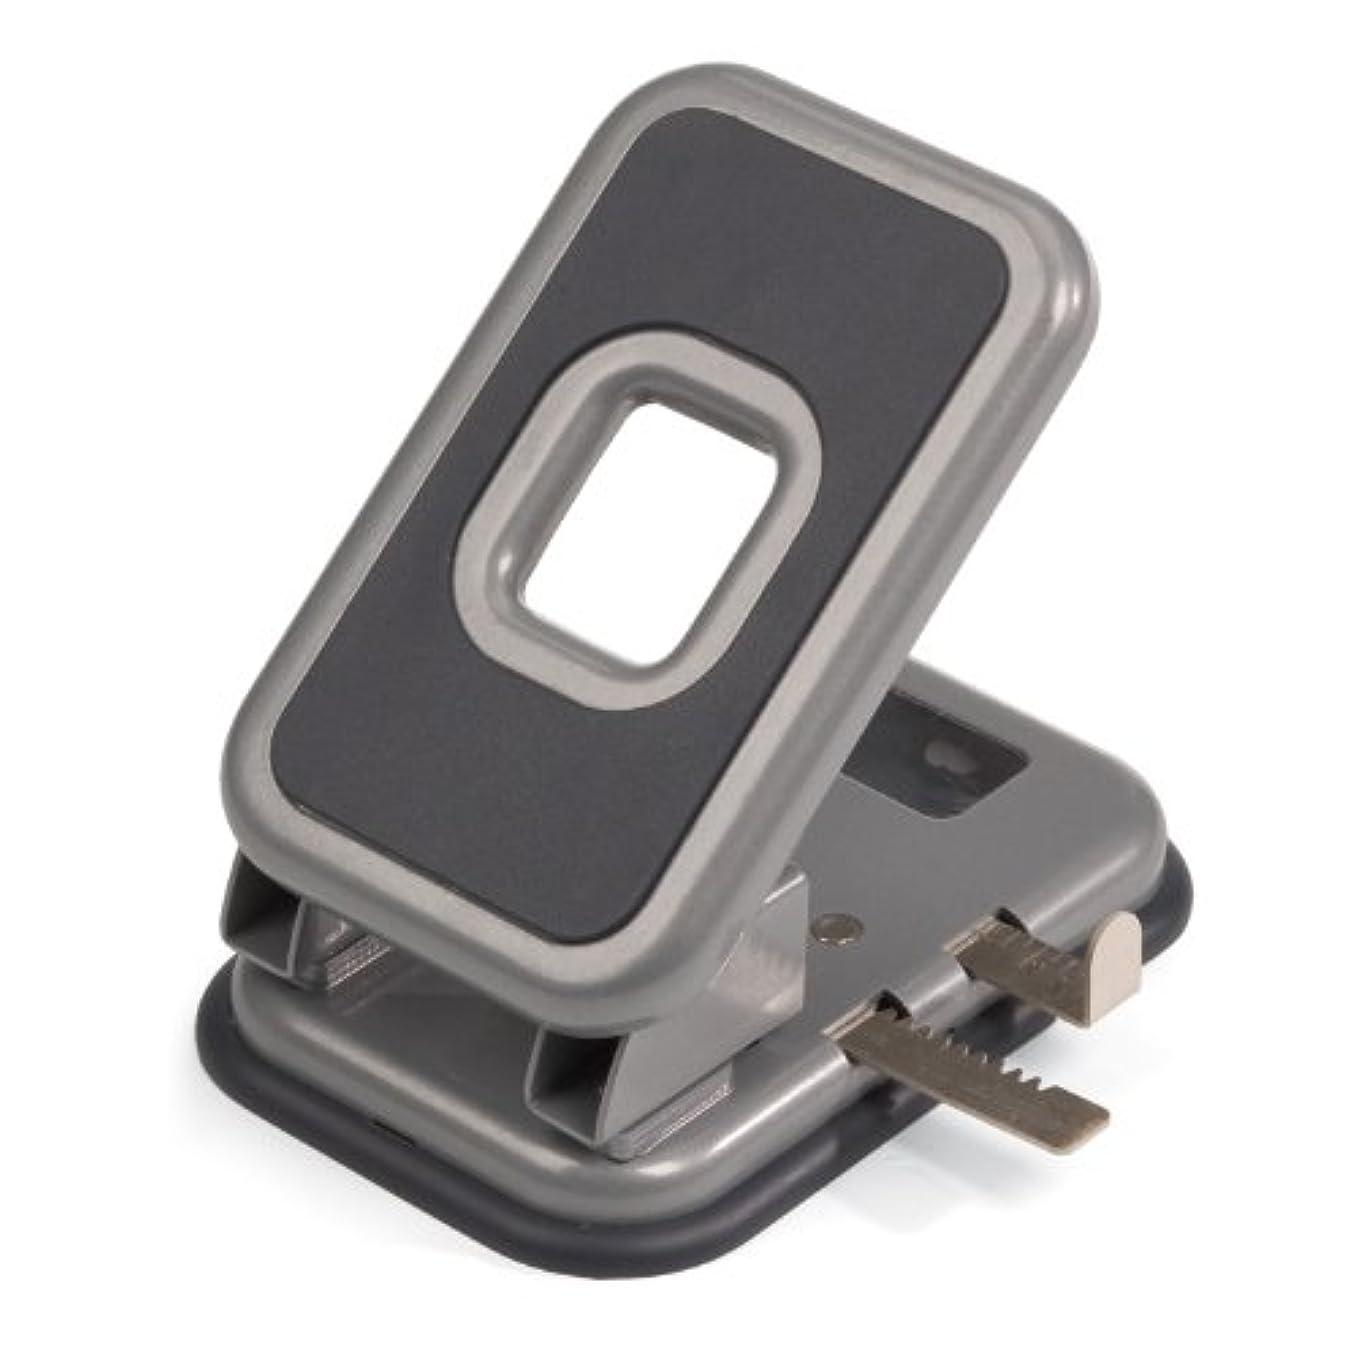 認識セールスマン私達Officemate Auto-Centering 2 Hole Punch, 40 Sheet Capacity, Silver and Charcoal (90122)